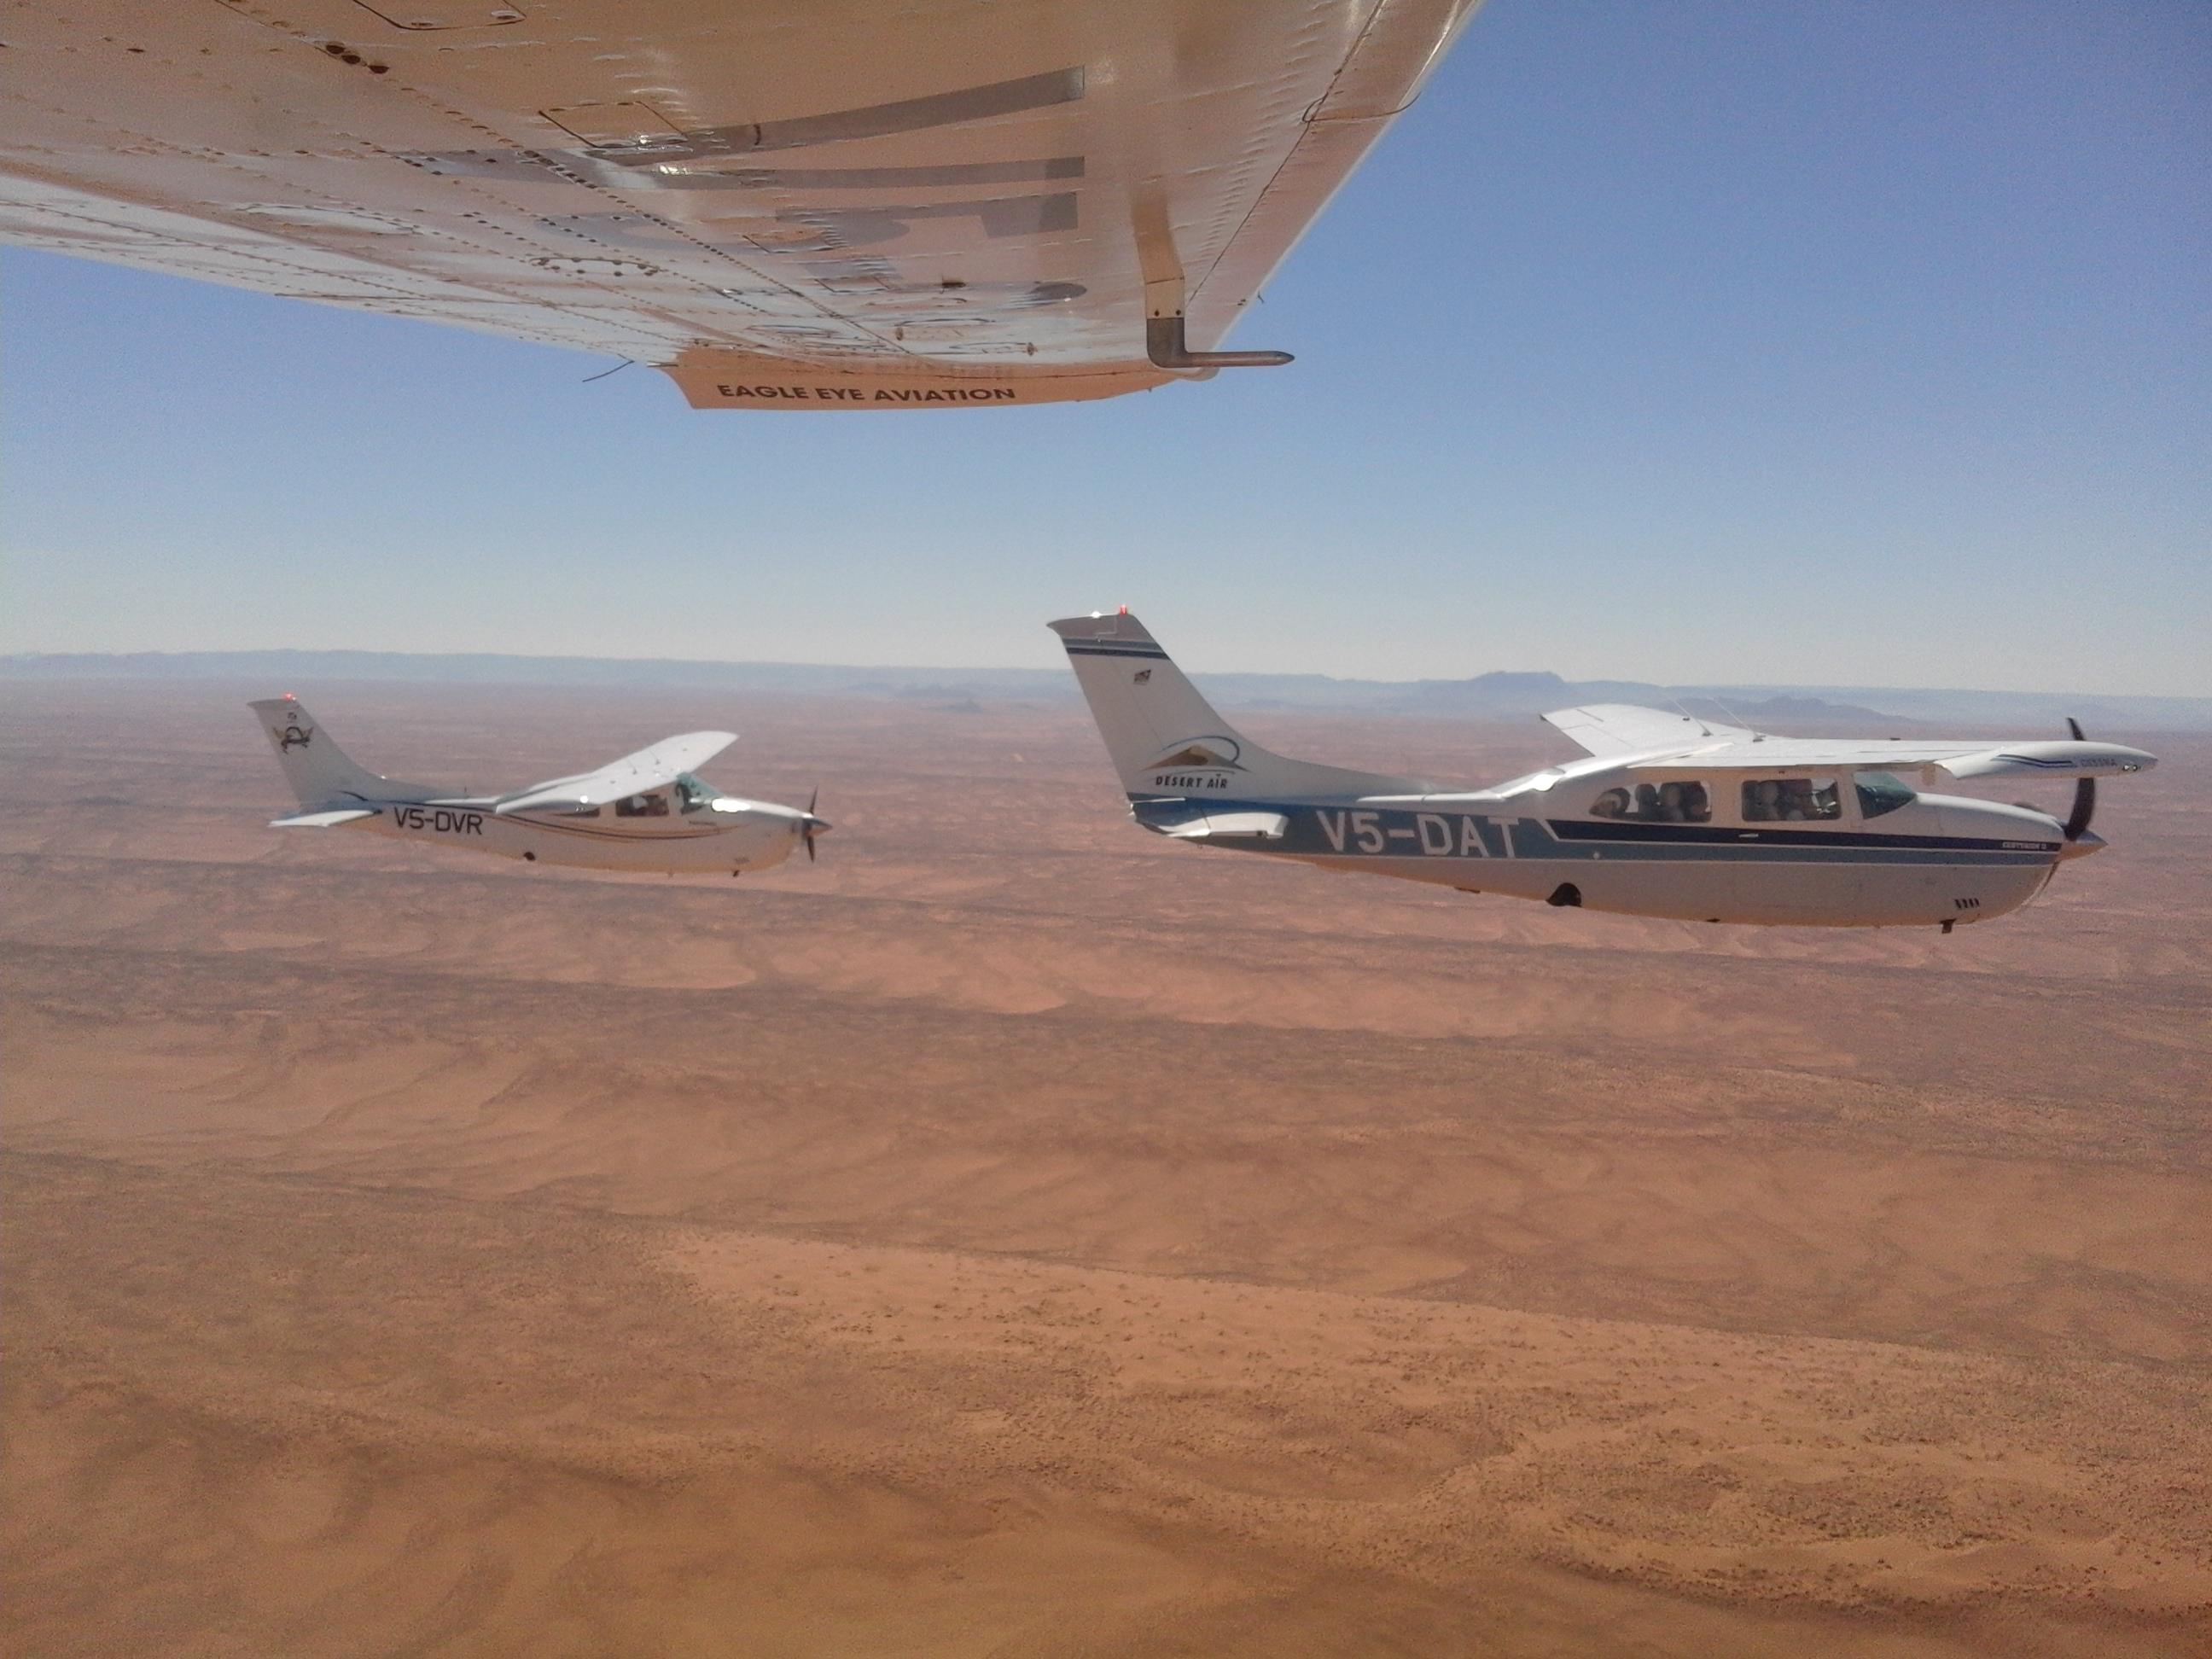 Cruising over the desert